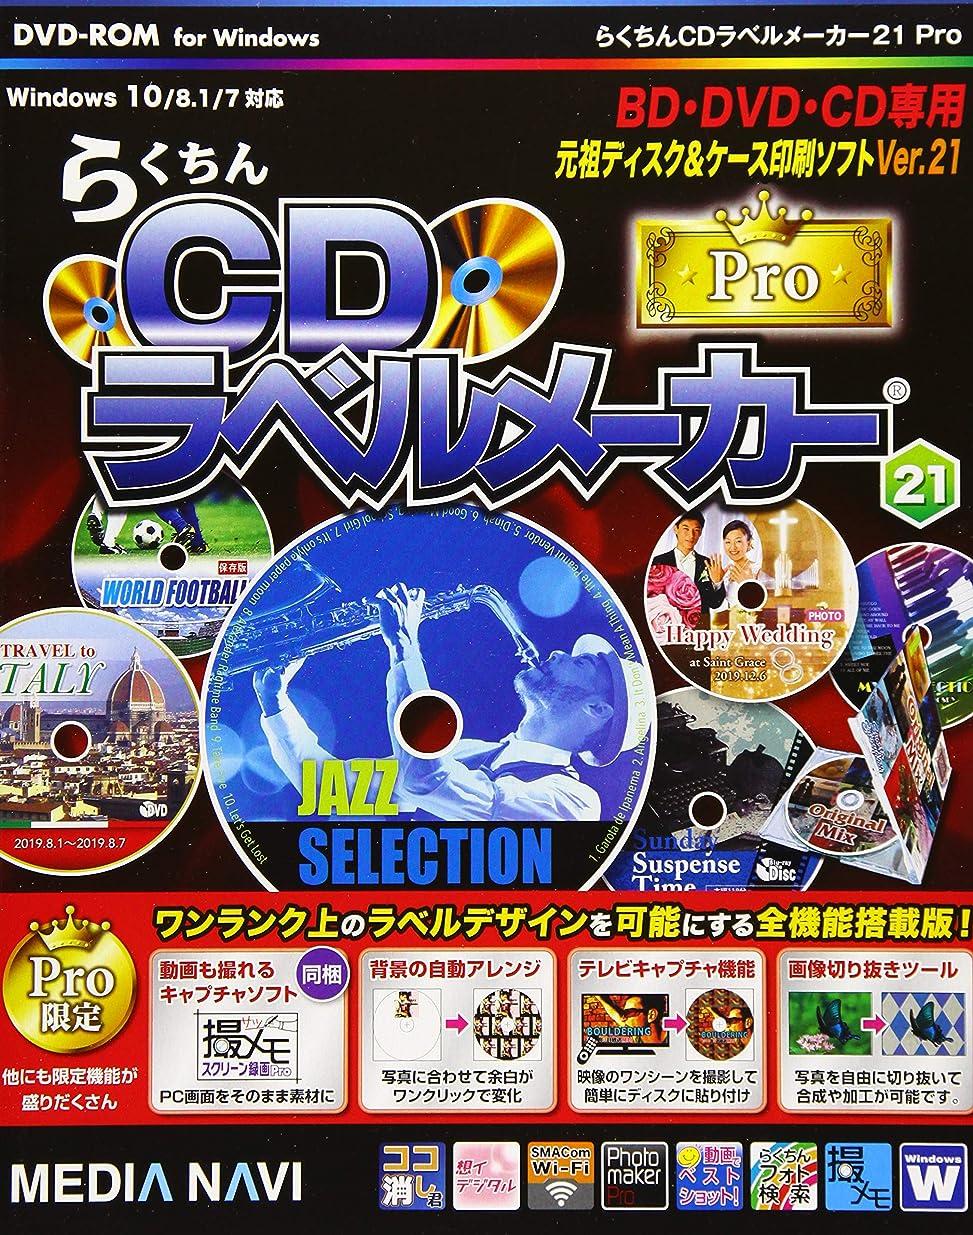 入場語アイデアメディアナビ らくちんCDラベルメーカー21 Pro